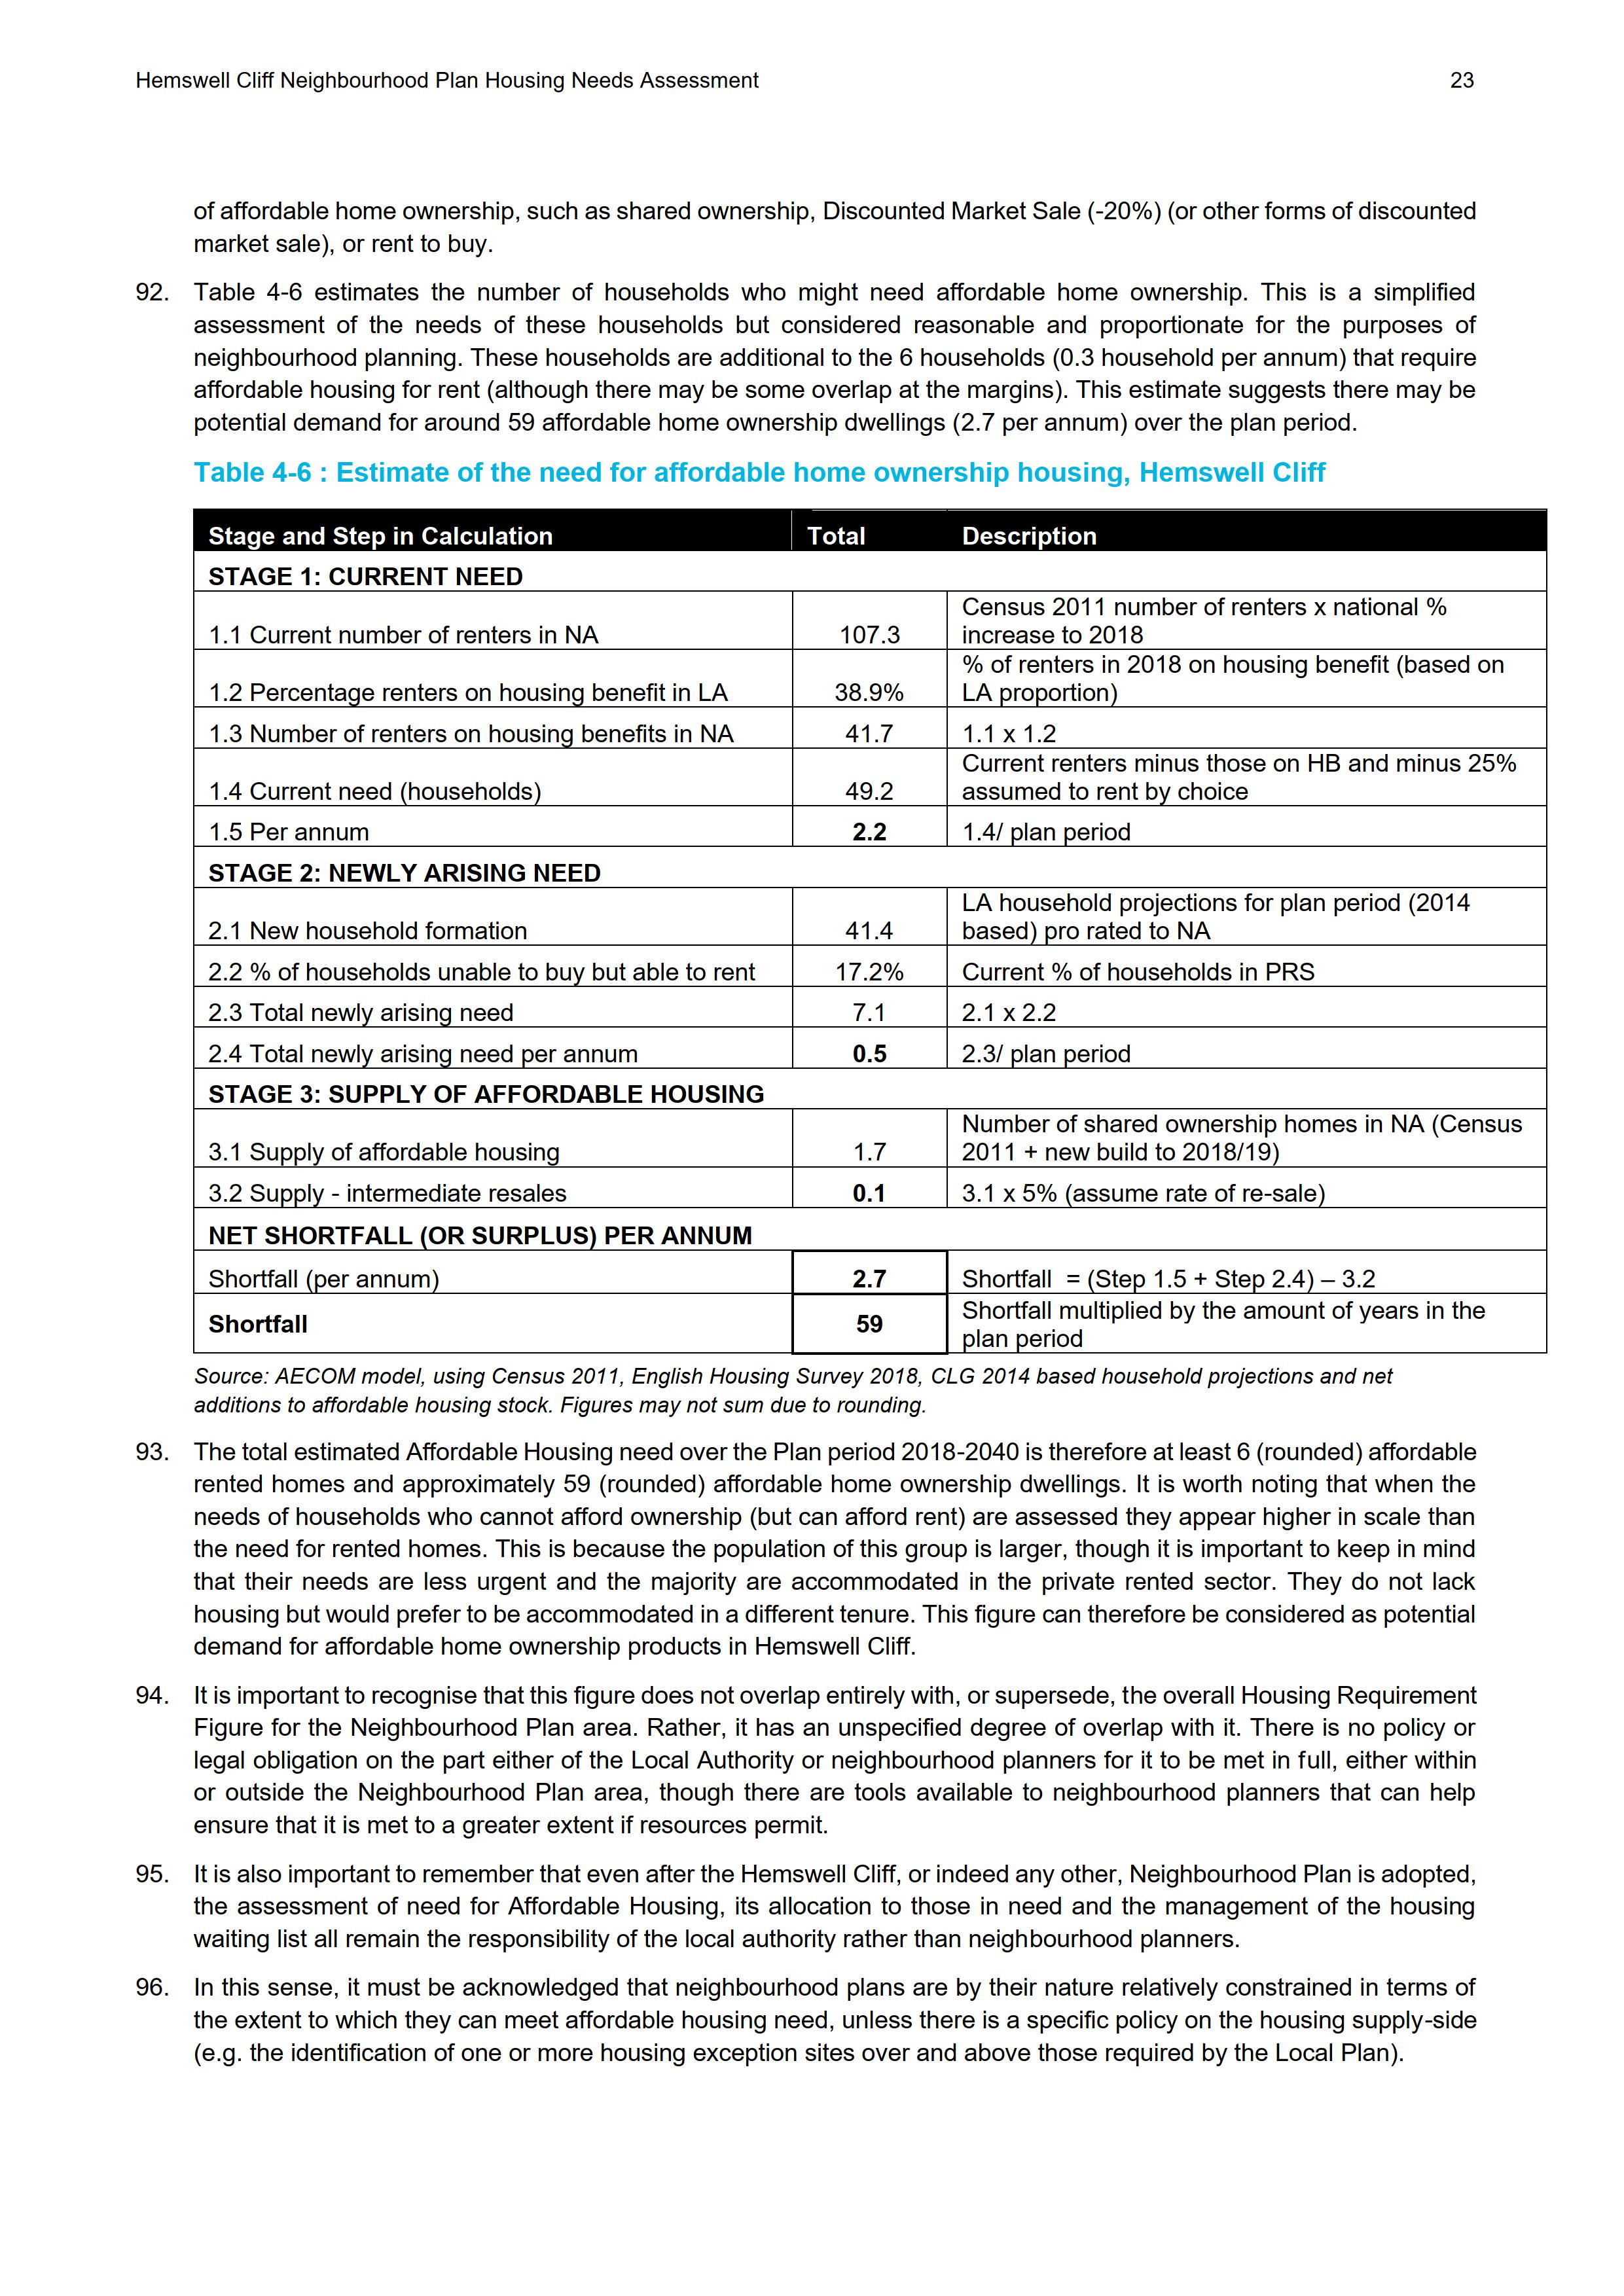 Hemswell_Cliff_Housing_Needs_Assessment_Final_23.png